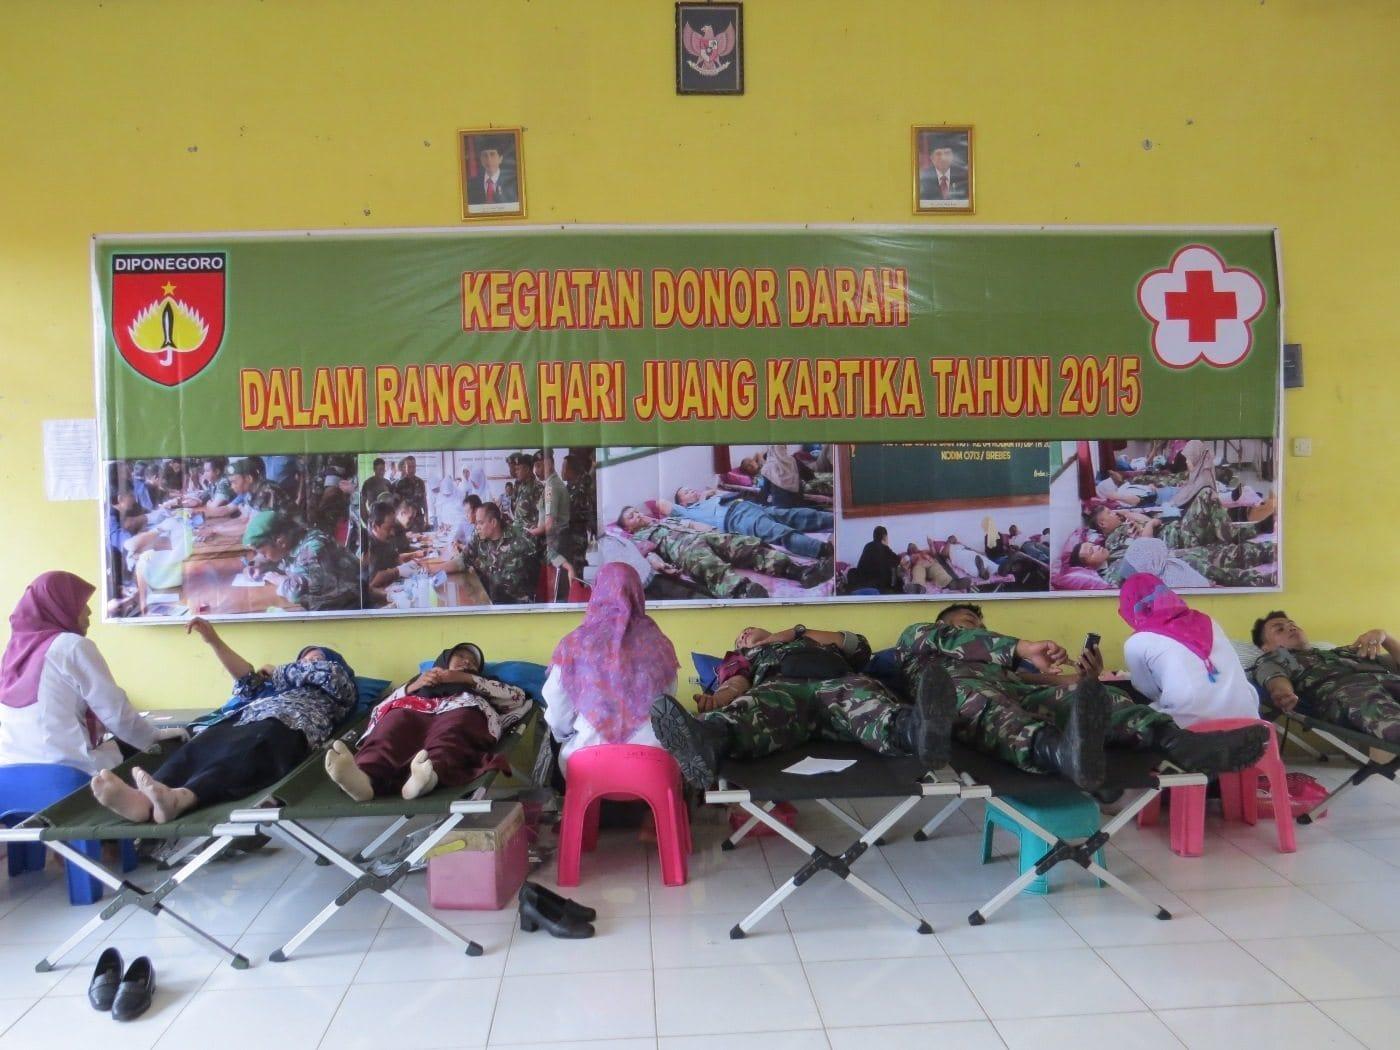 Kodim 0713 Brebes Gelar Donor Darah Dalam Rangka Hari Juang Kartika 2015